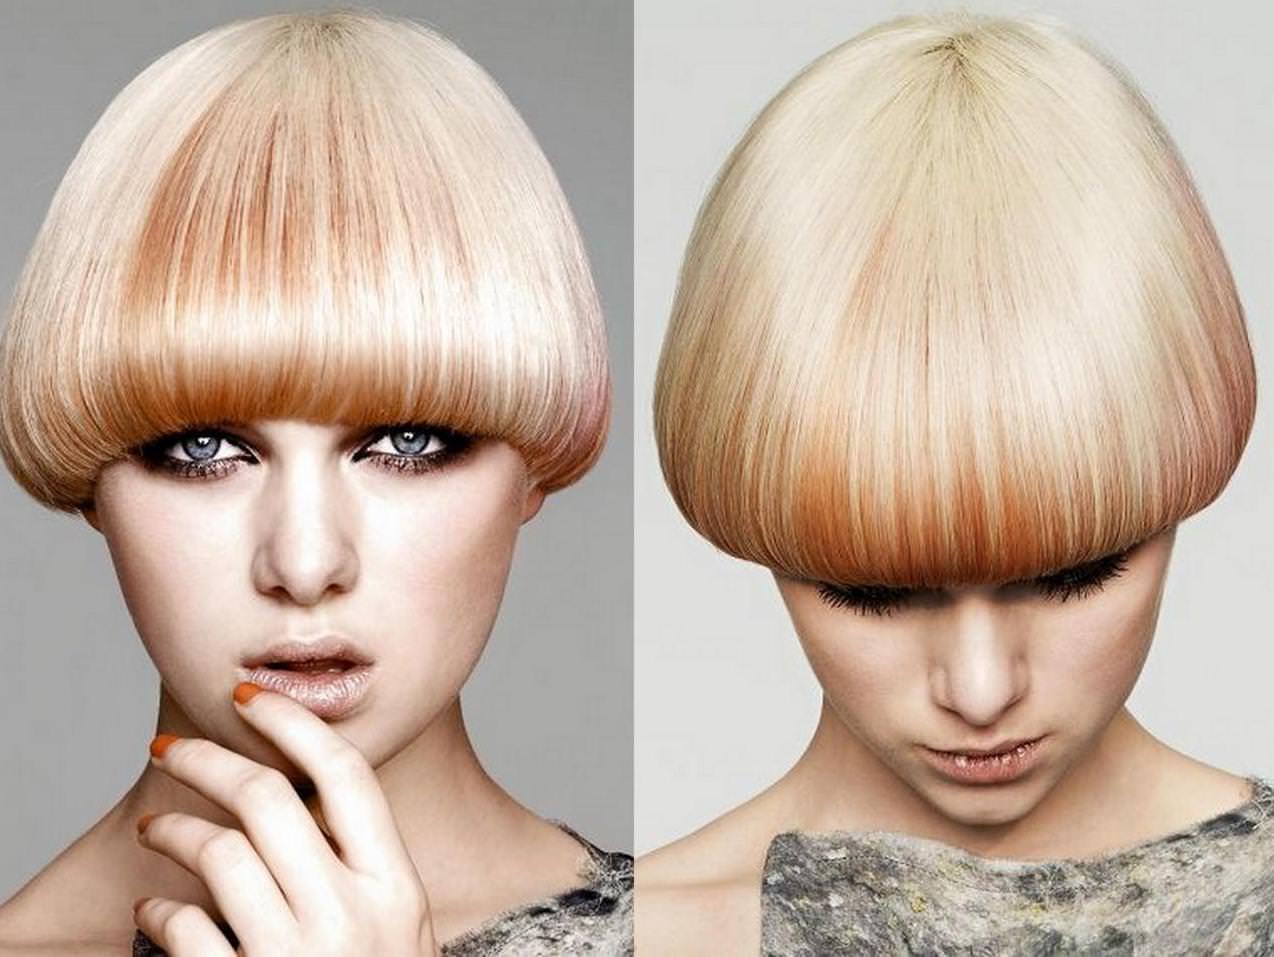 image90-1 | Модные женские стрижки на короткие волосы: основные правила и варианты исполнения